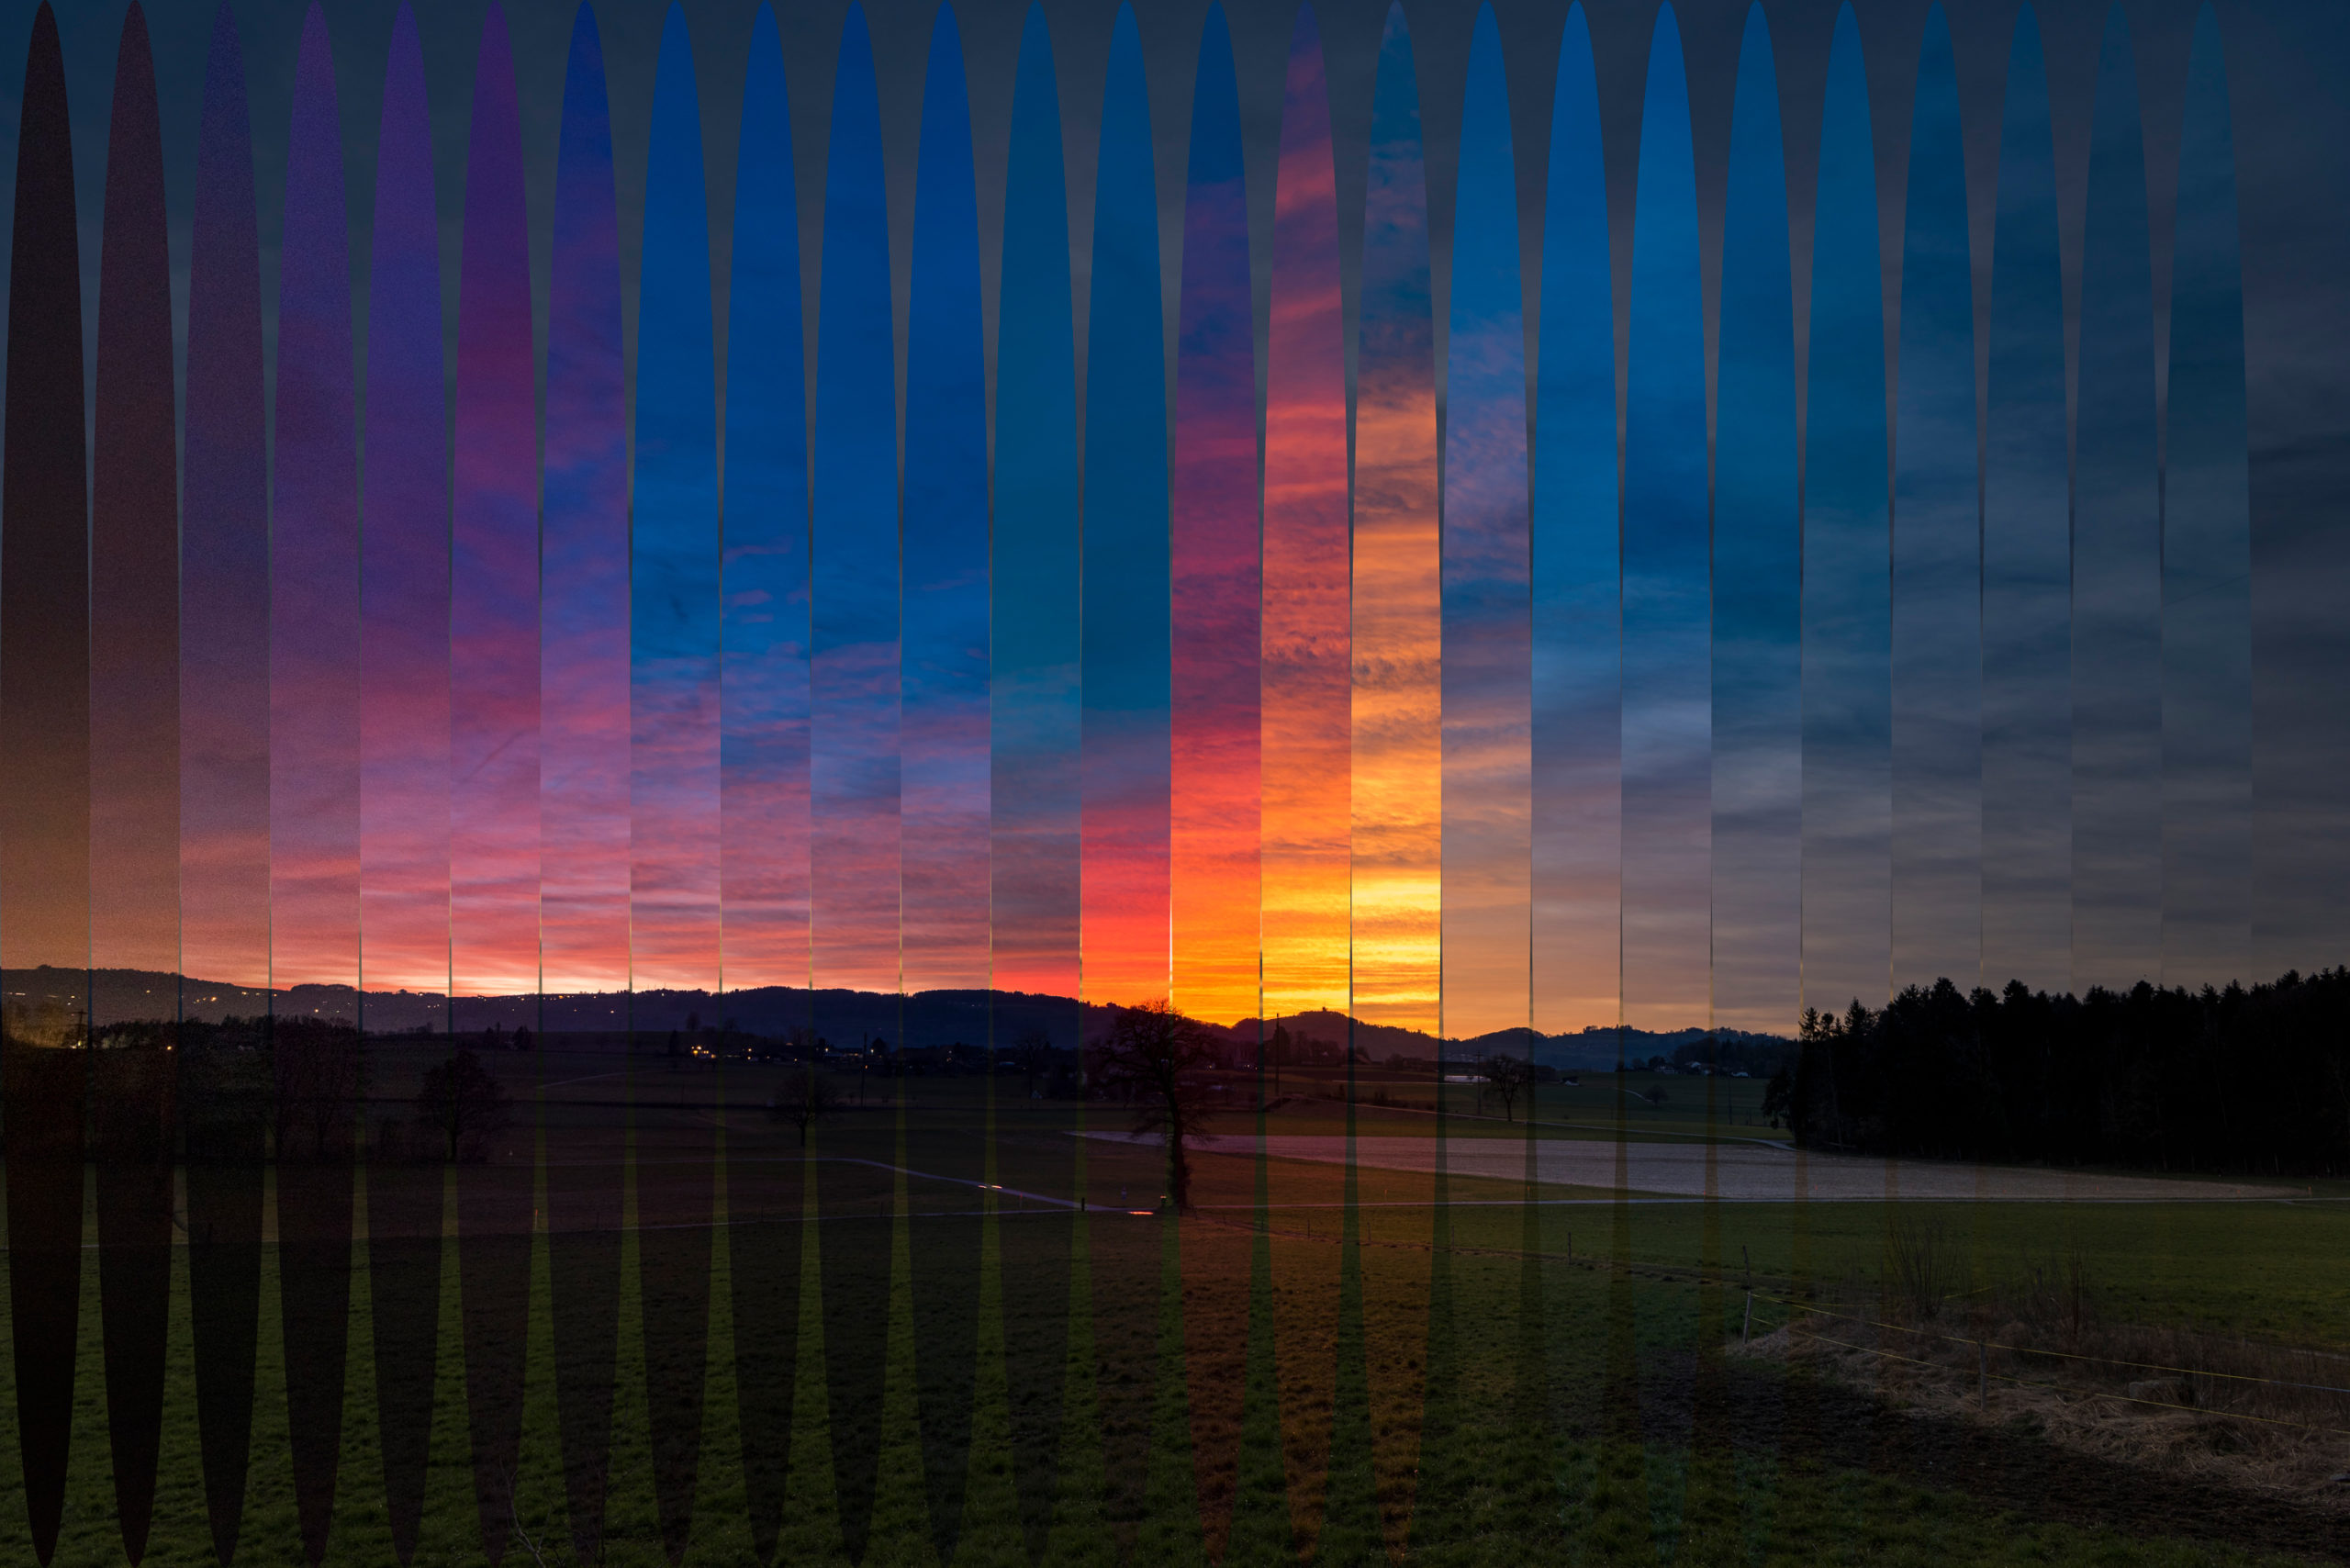 Circular Full-Image